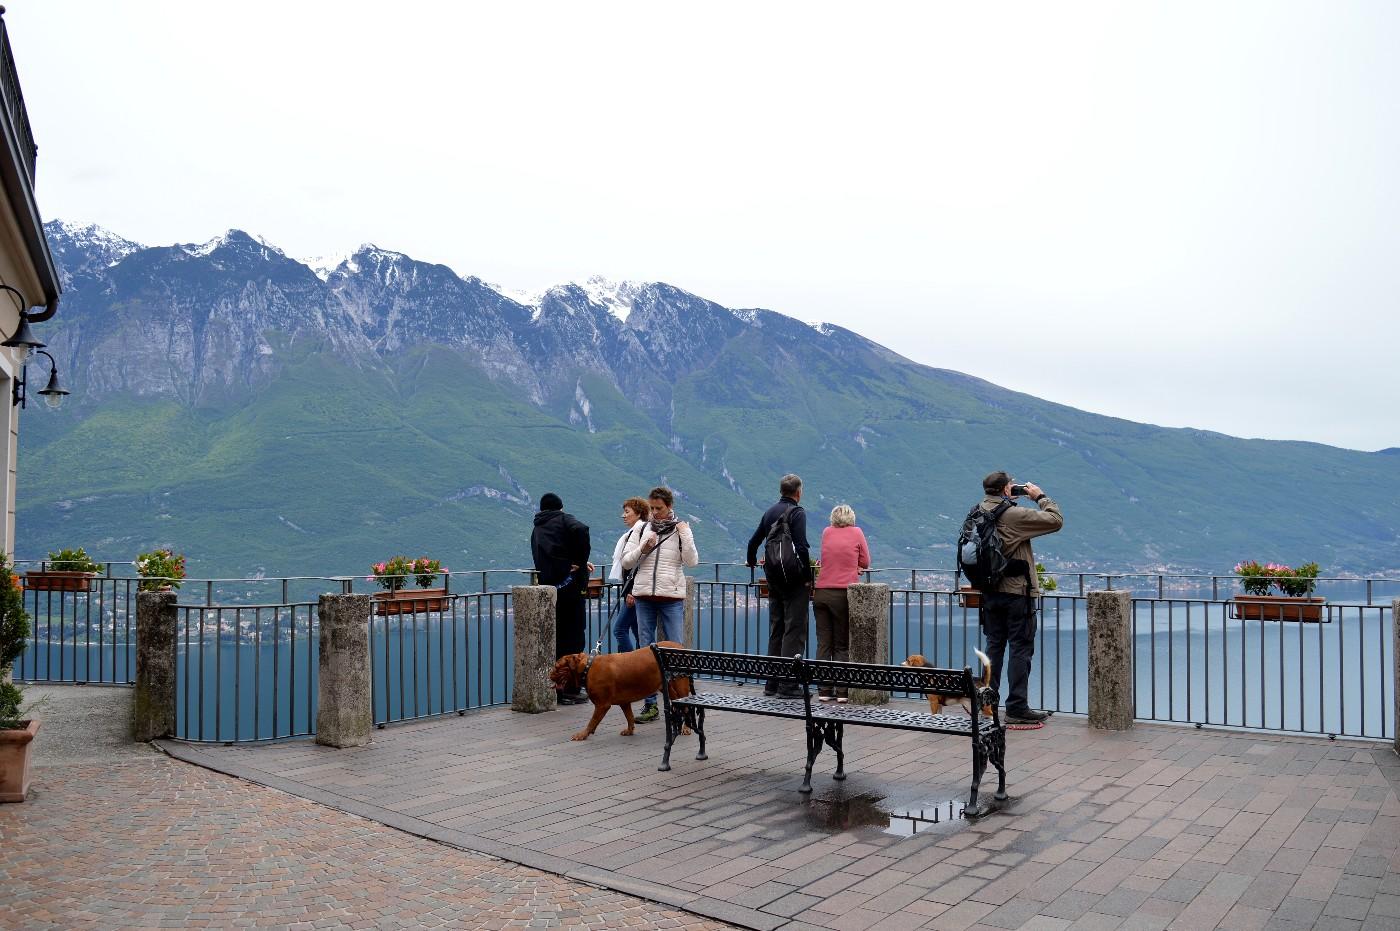 Una Visita A Tremosine Borgo Sospeso Tra Cielo E Lago